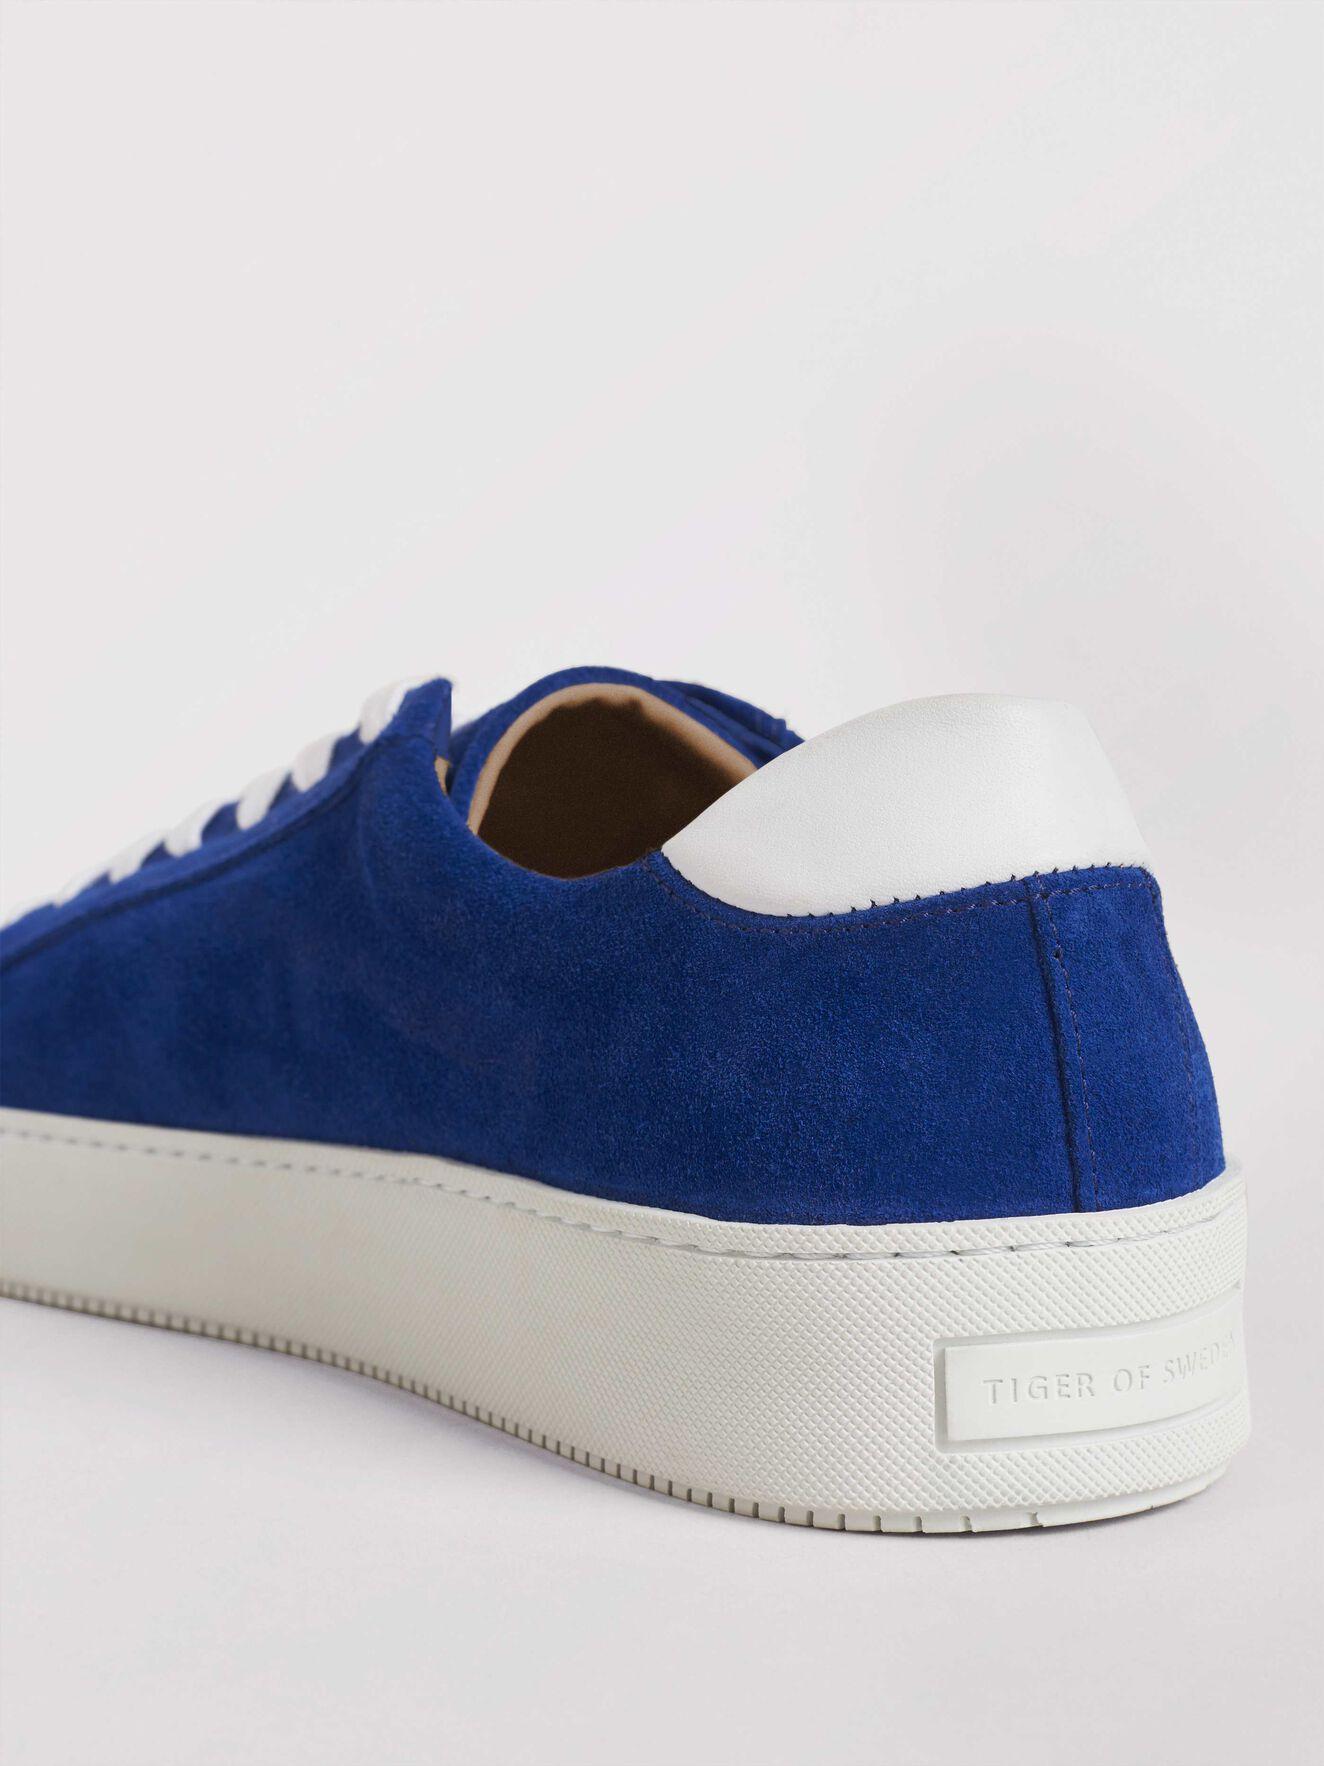 Salas S Sneakers in Deep Ocean Blue from Tiger of Sweden